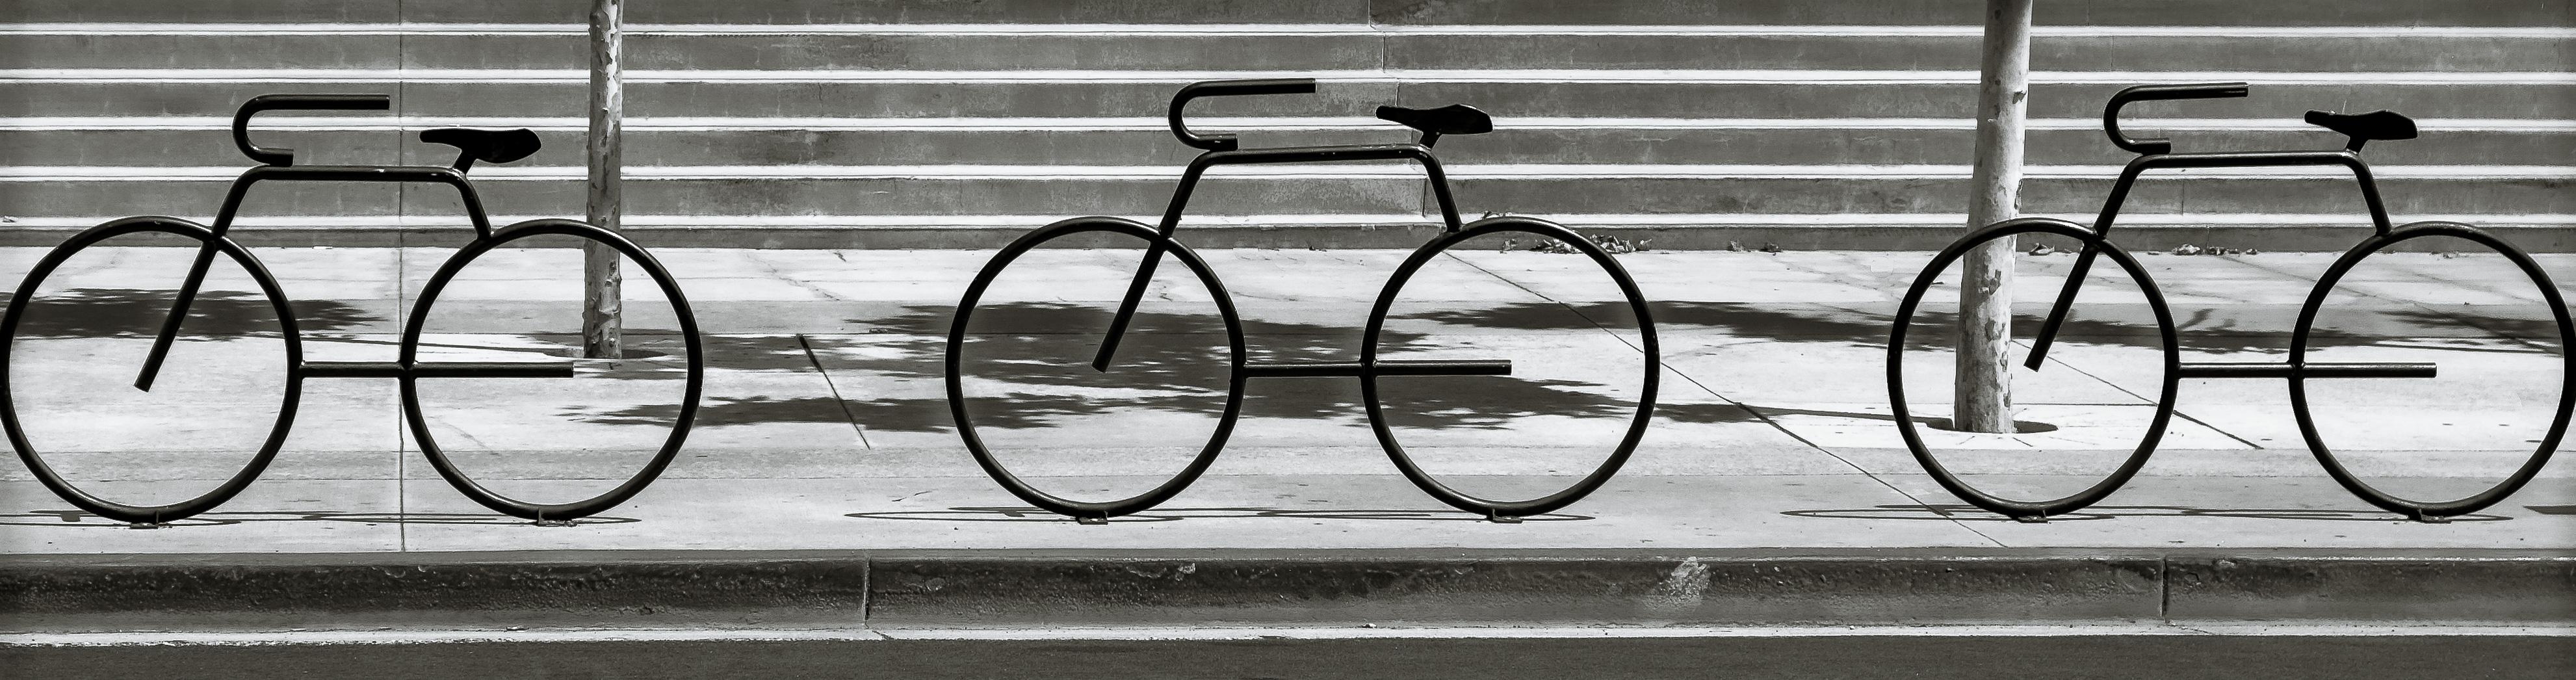 Design Stehlen hintergrundbilder fahrrad schwarz und weiß eisen mauer fahrrad